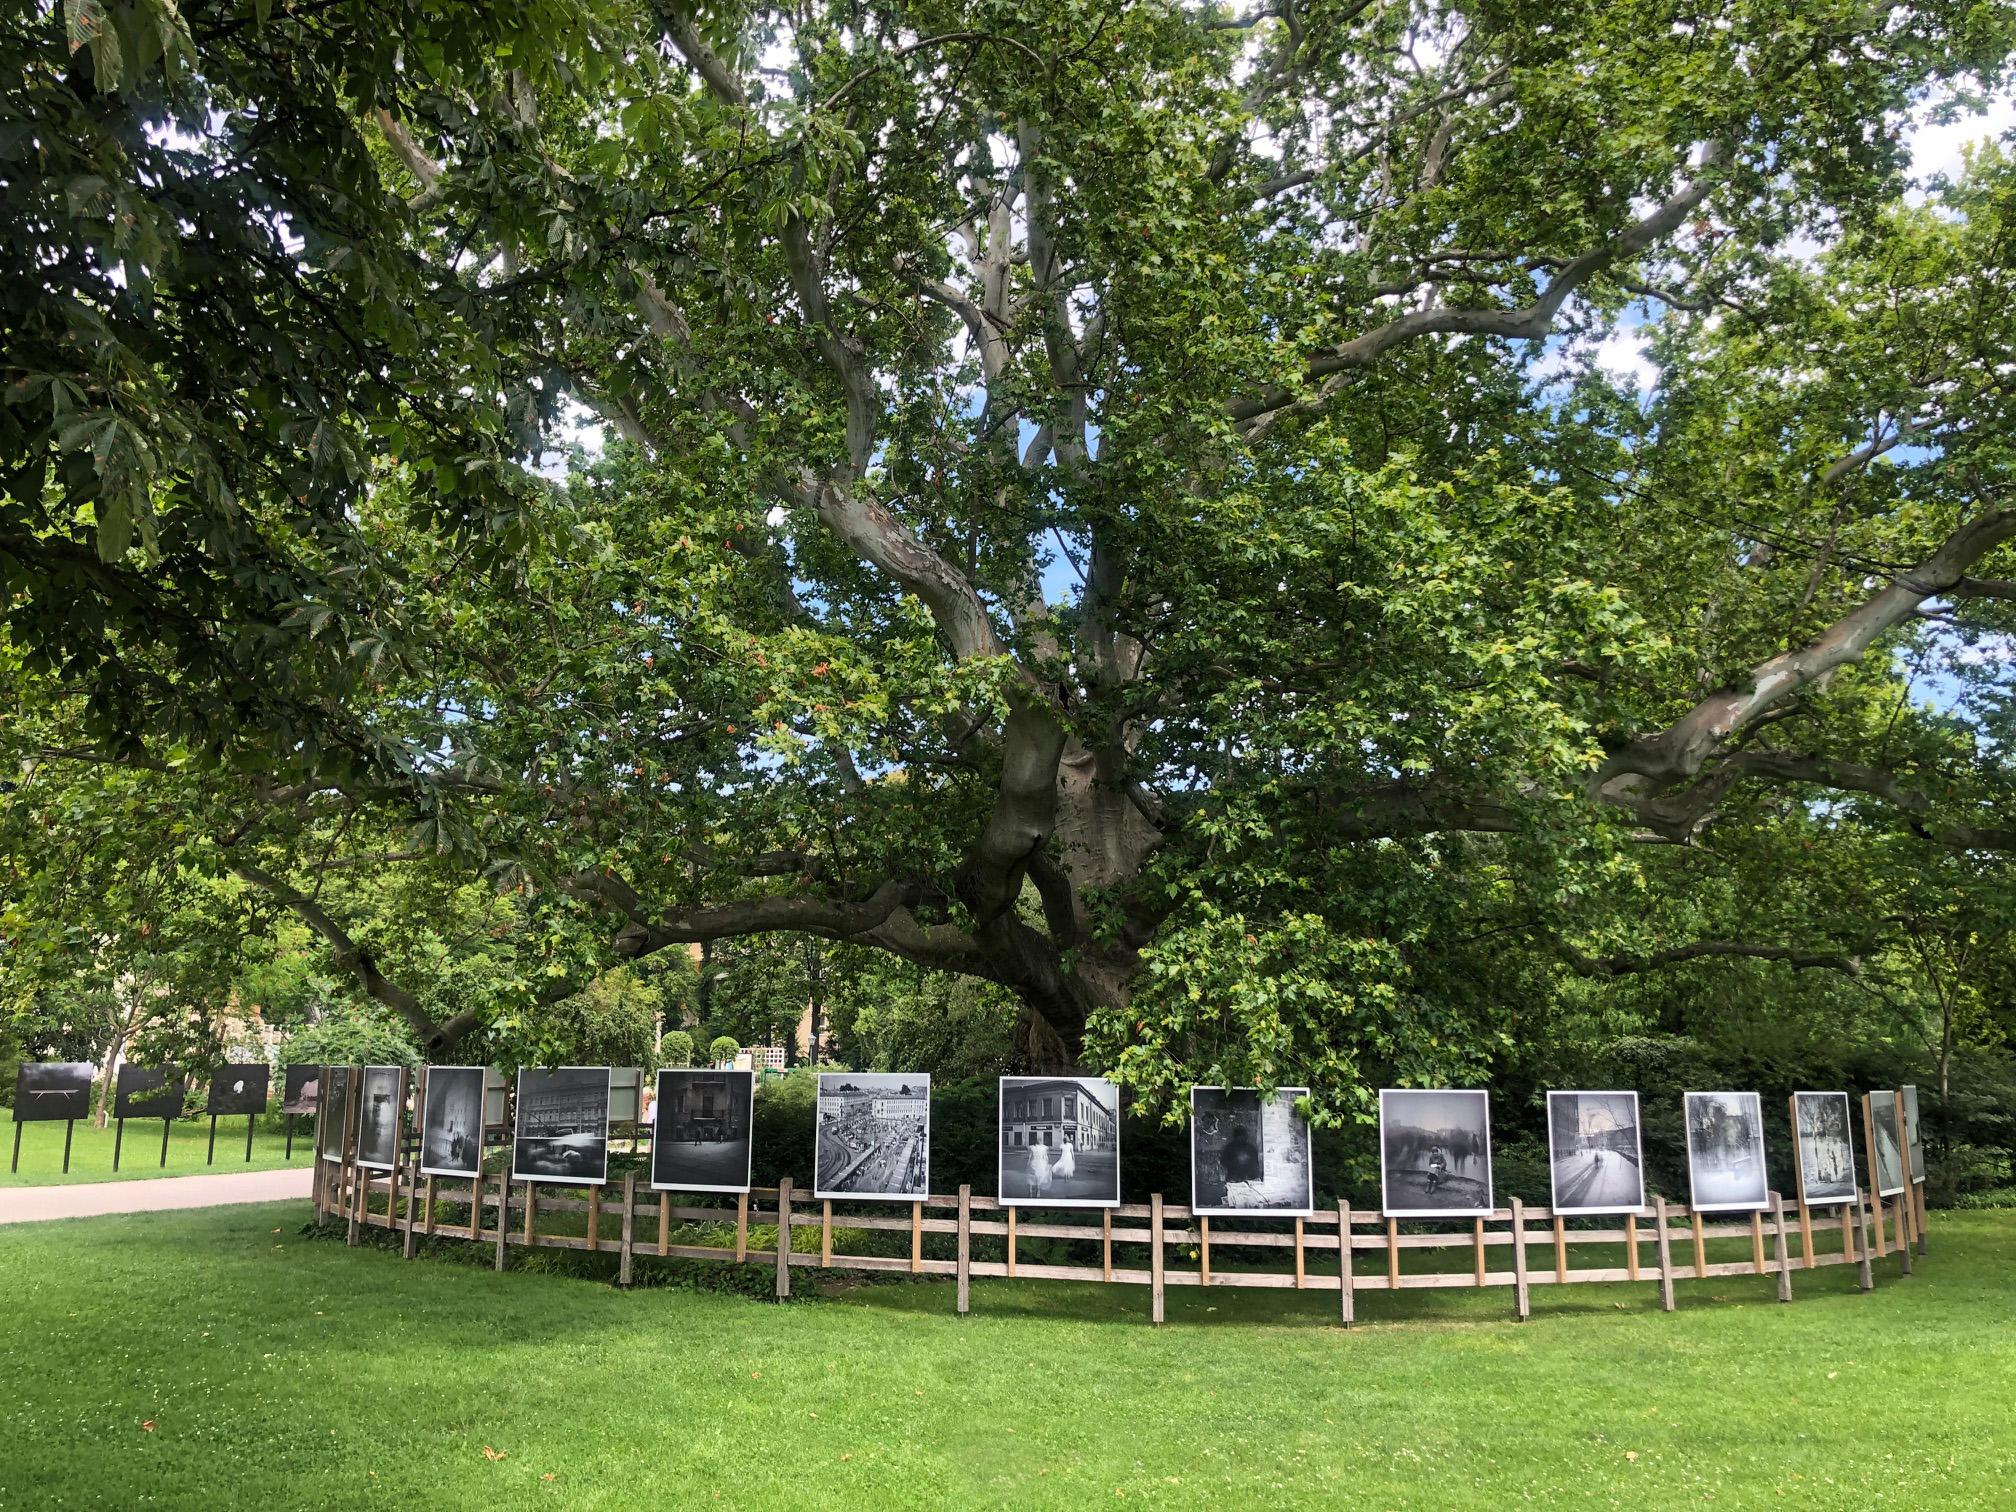 Festival La Gacilly-Baden Photo 2020: Ausstellung von Alexej Titarenko im Doblhoffpark in Baden. (c) Lois Lammerhuber / Festival La Gacilly-Baden Photo